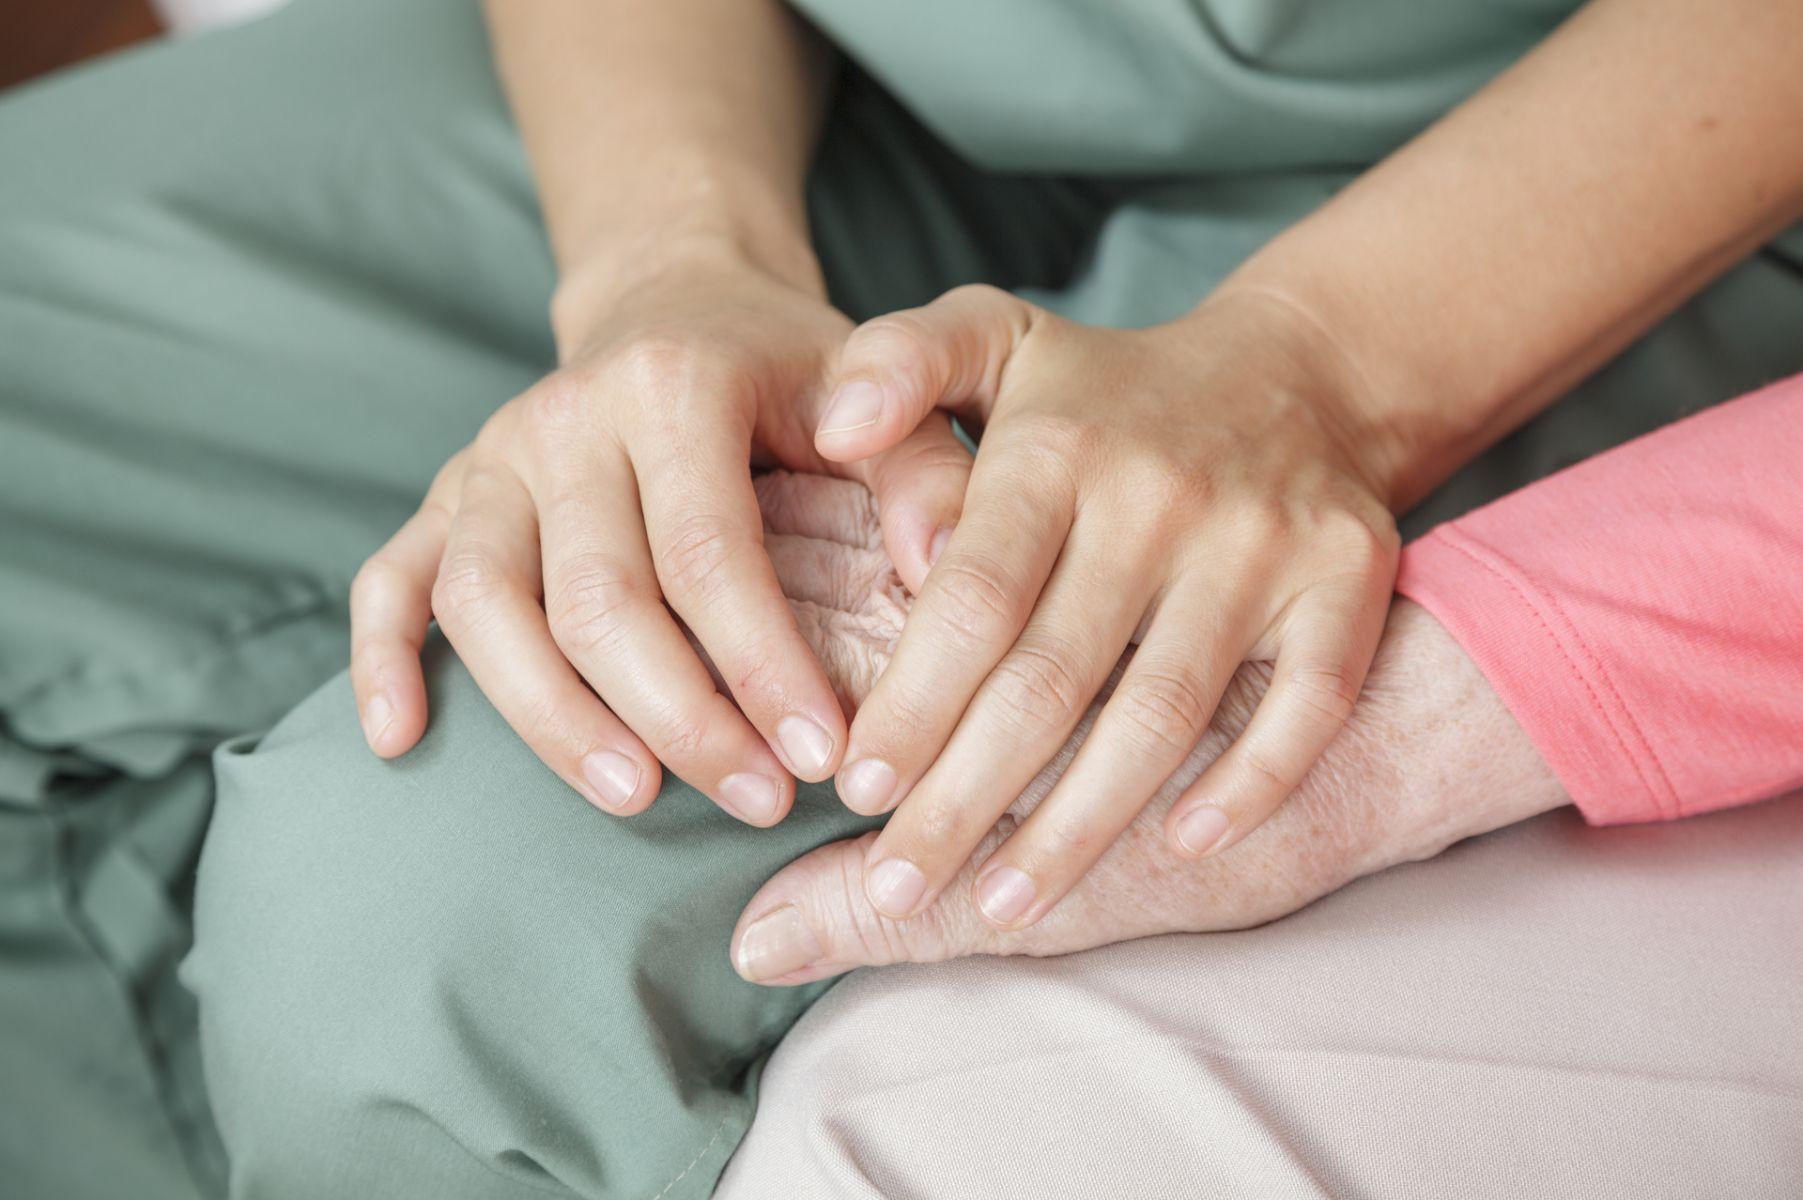 安寧醫師的照護課題:面對無法回答的提問,該怎麼辦?